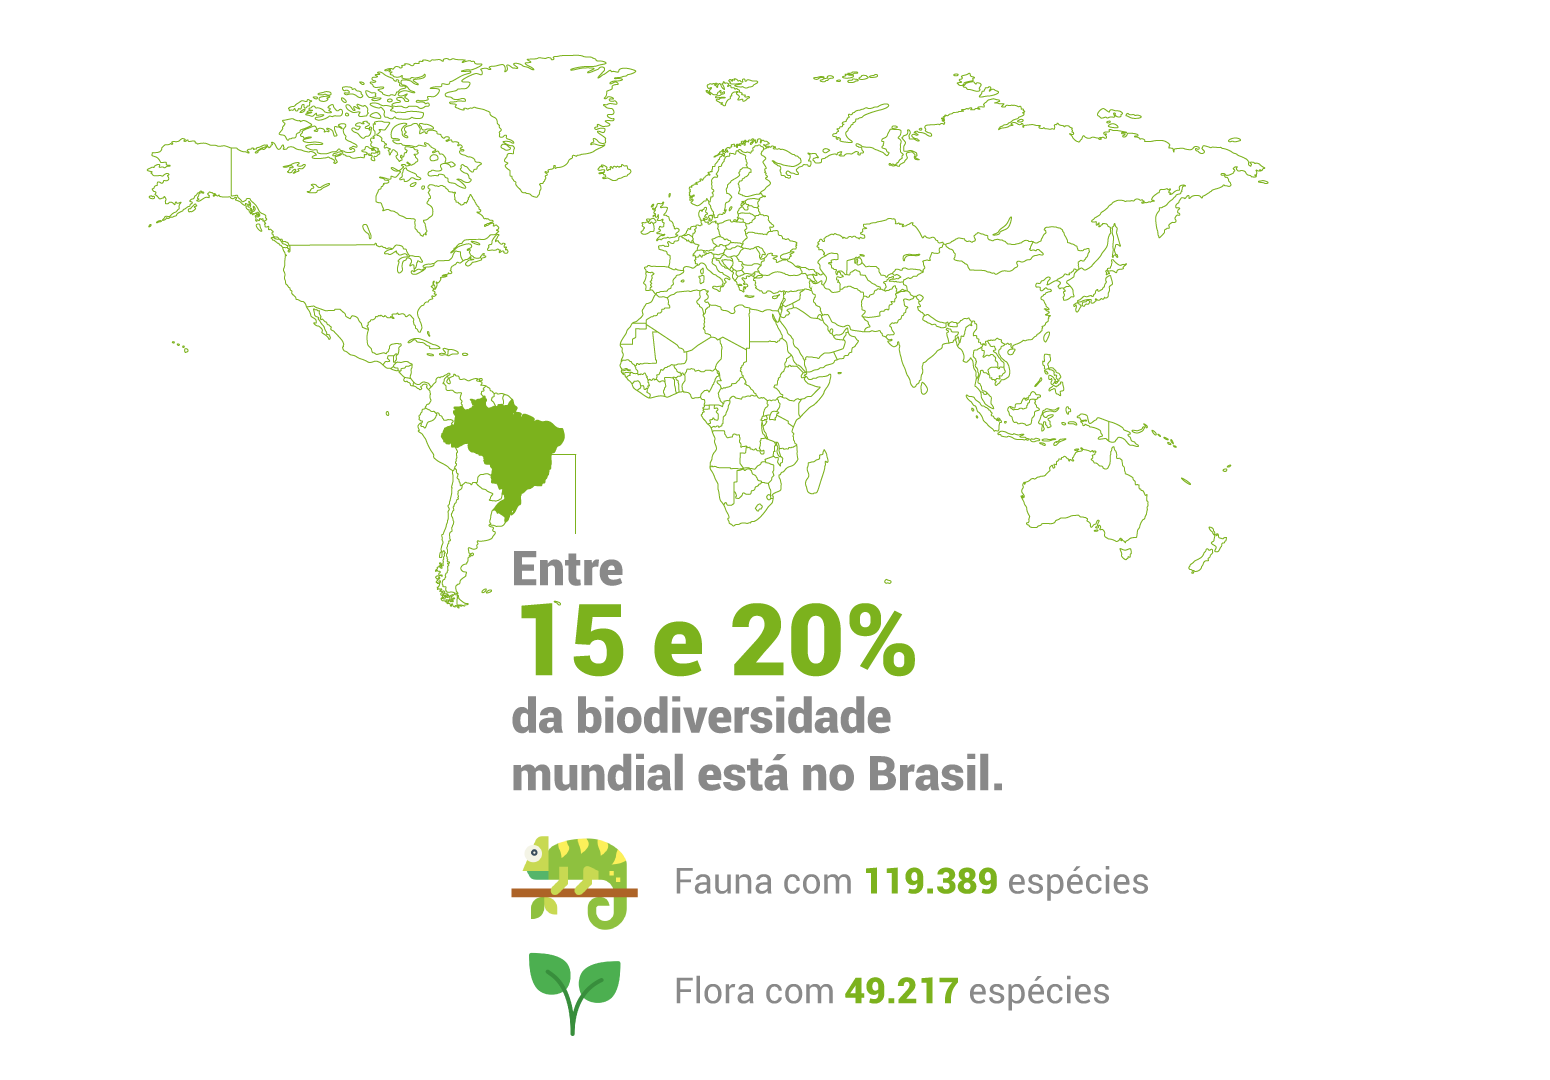 Entre 15 e 20% da diversidade biológica mundial está no Brasil